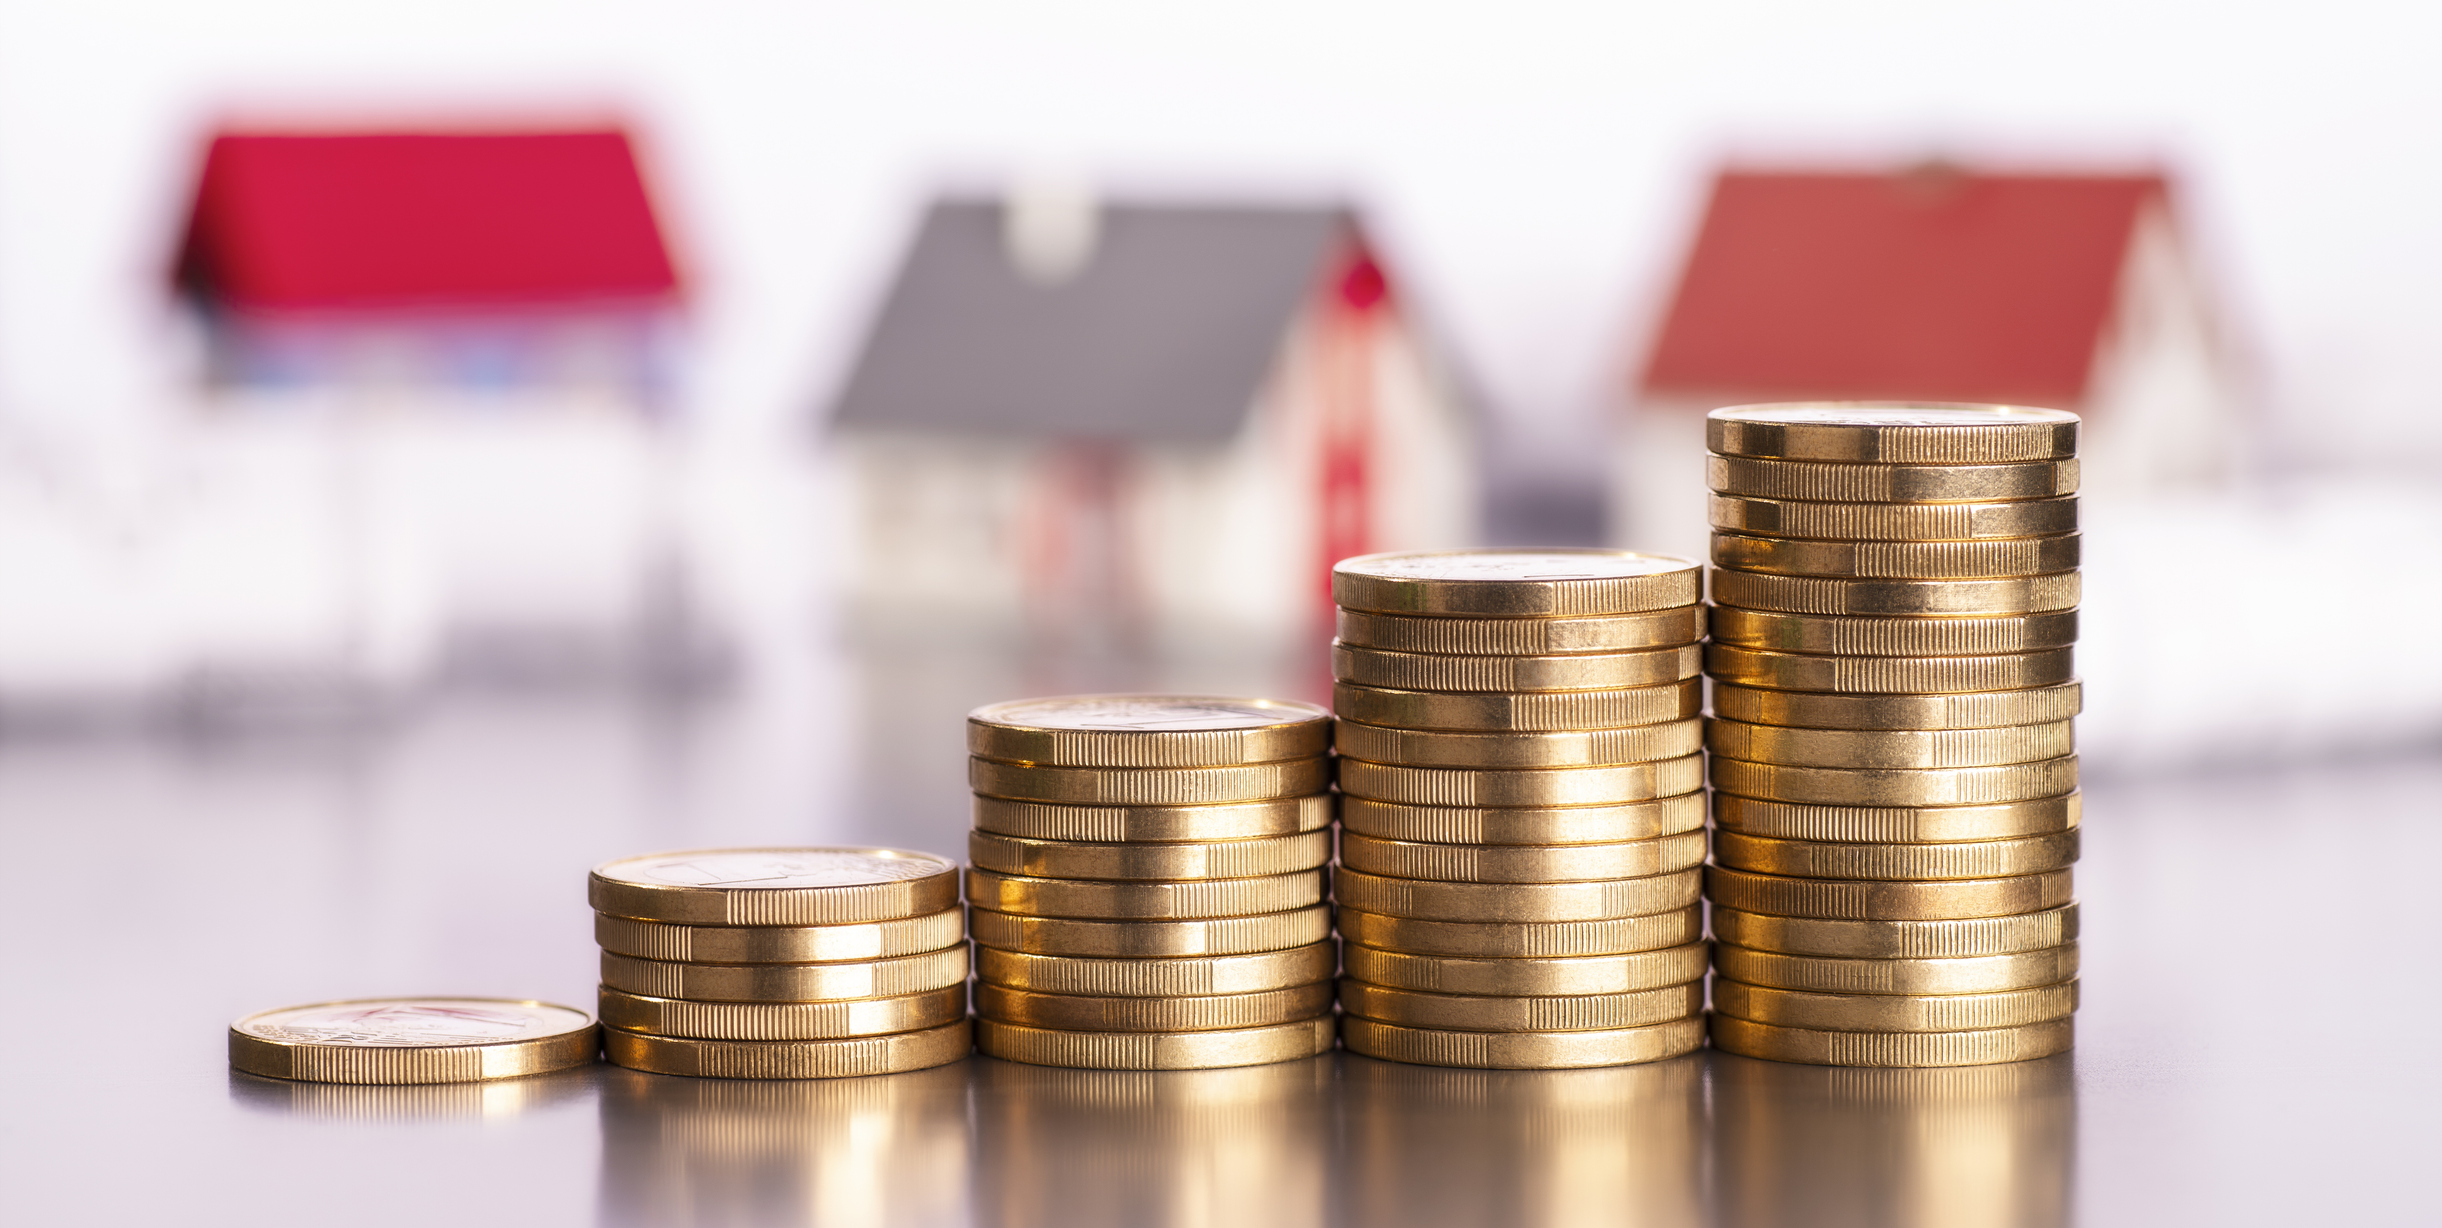 Wie hoch ist das Hausgeld?